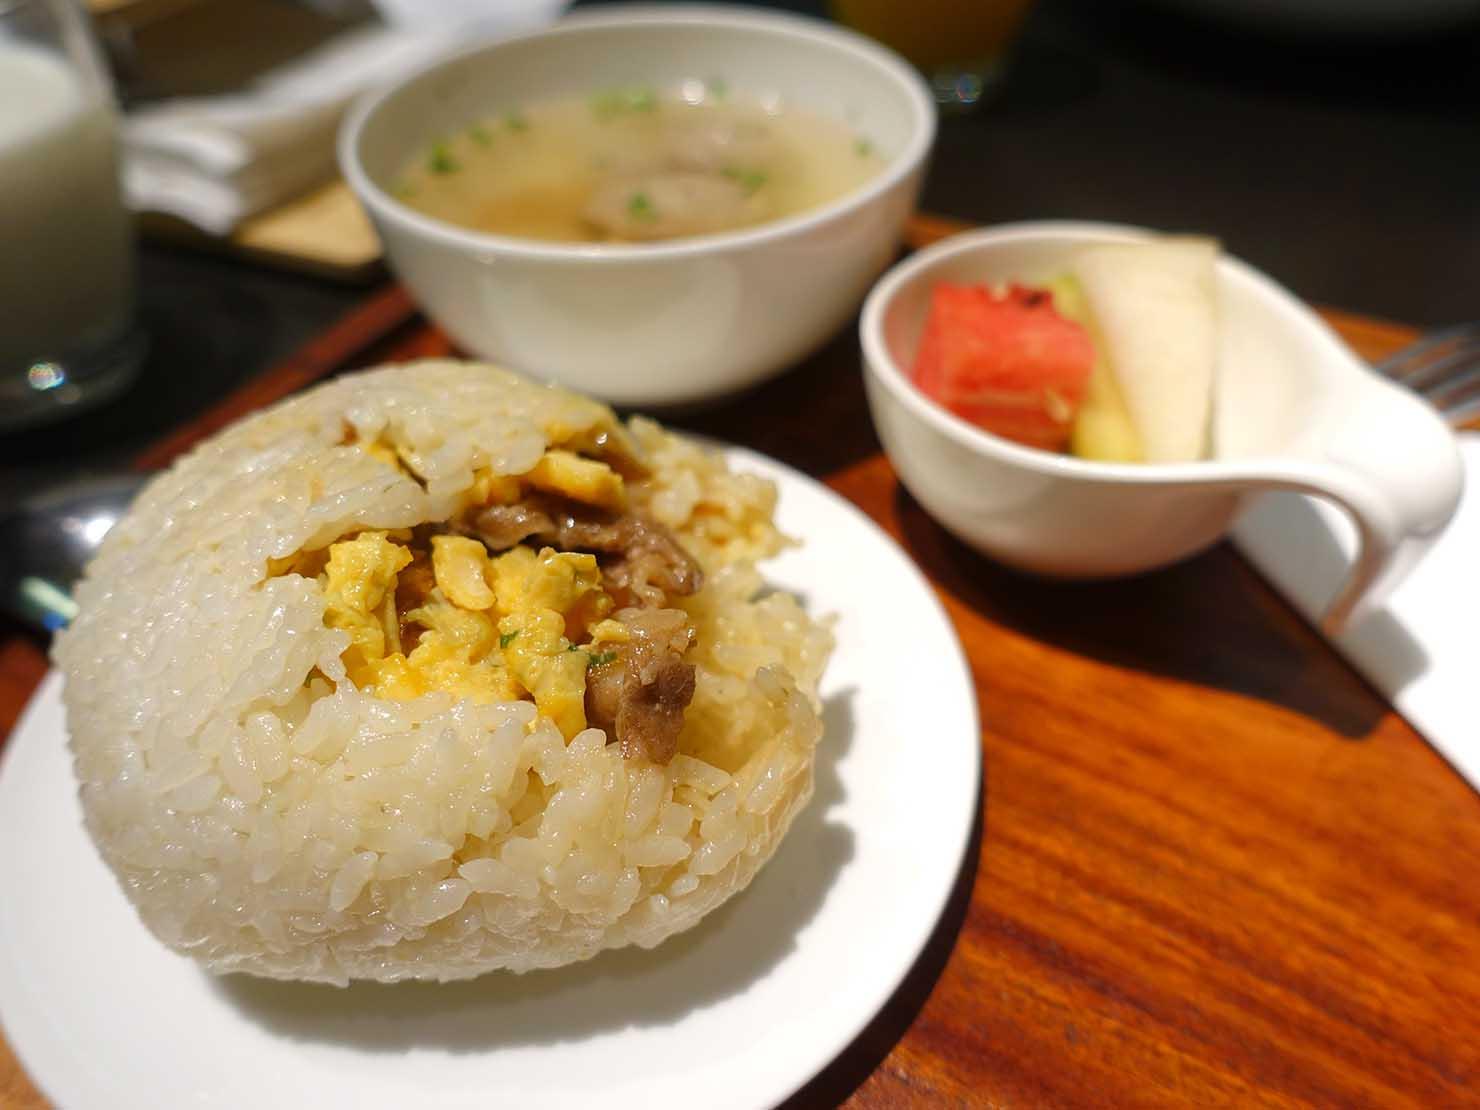 台中駅前のおすすめデザインホテル「紅點文旅 RedDot Hotel」のレストラン・L'AROMEの朝食(台湾式おにぎりセット)